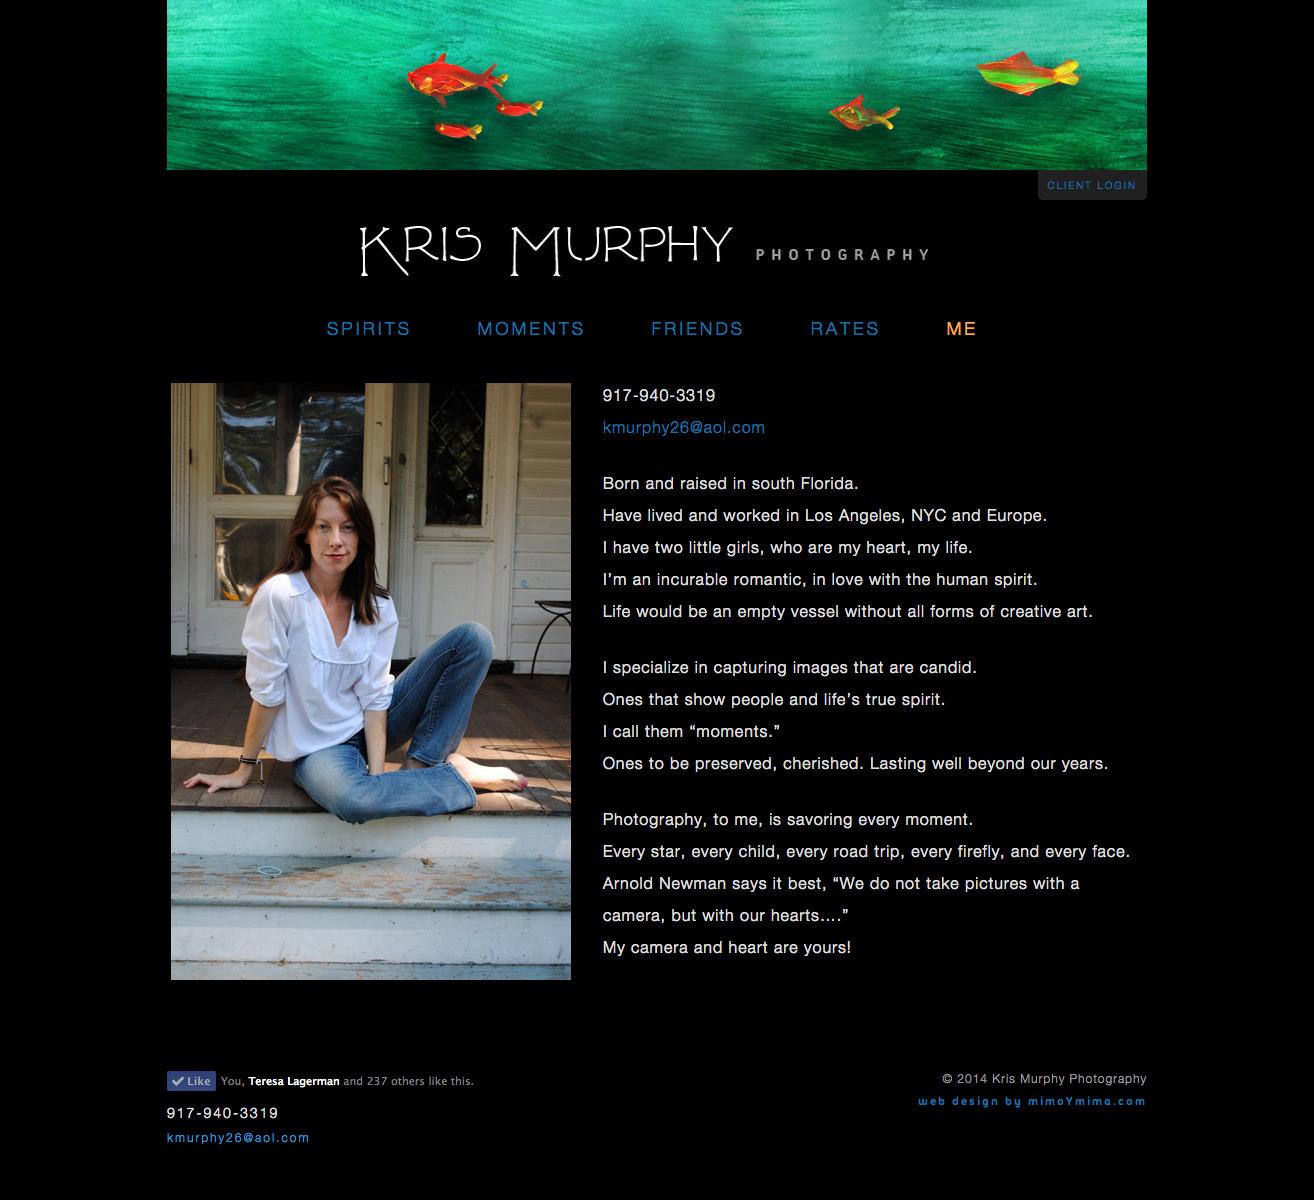 kris-murphy_me